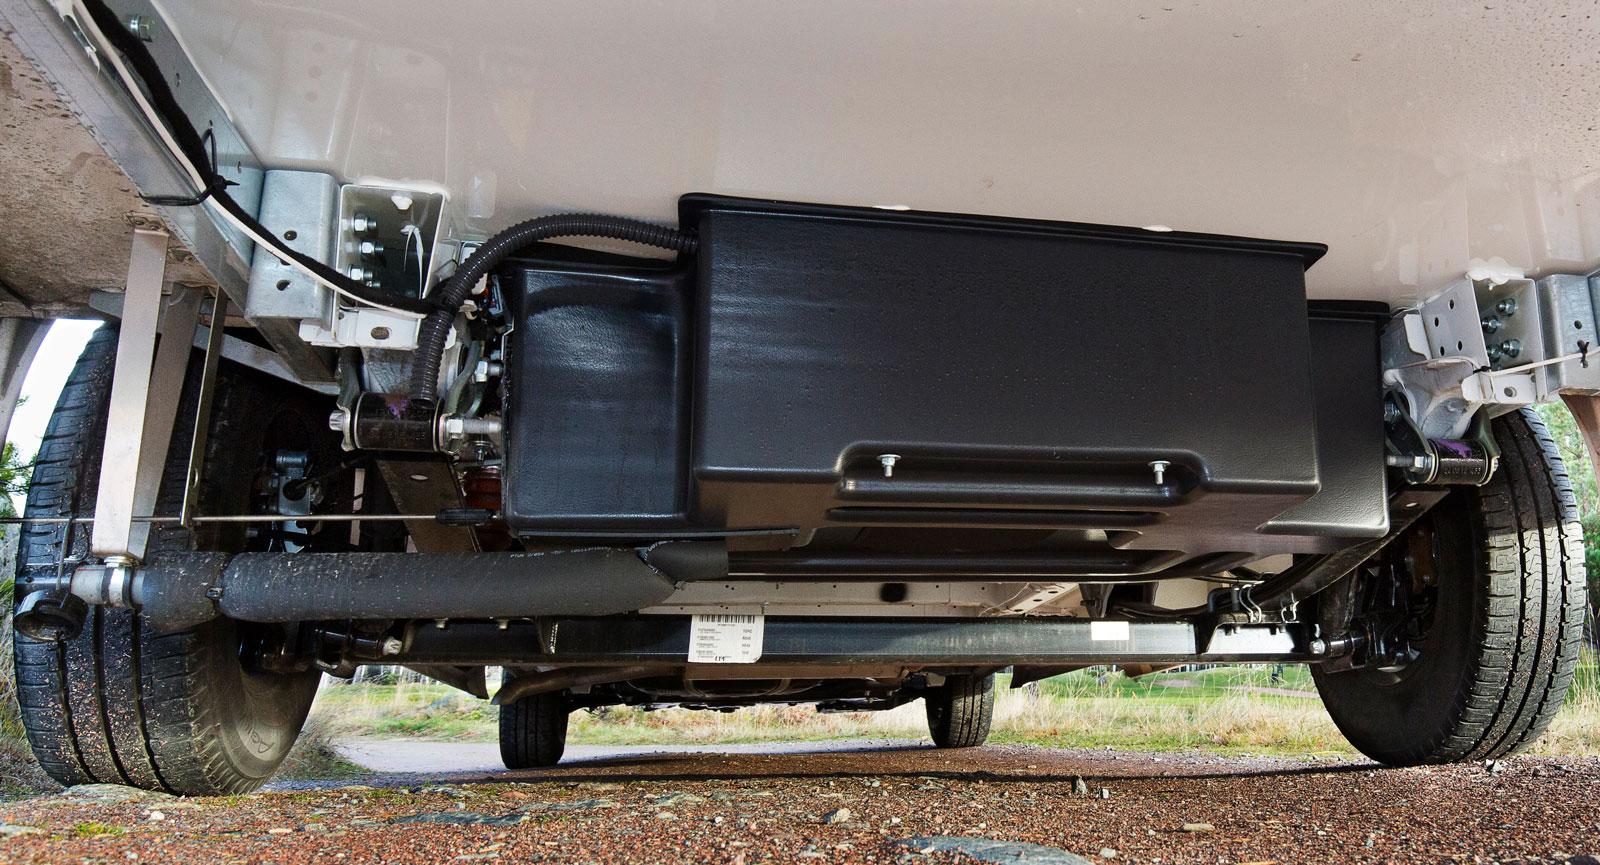 Gråvatten samlas i en isolerad och uppvärmd tank under bilen. Extra omsorg har lagts på att även isolera avtappningsröret.